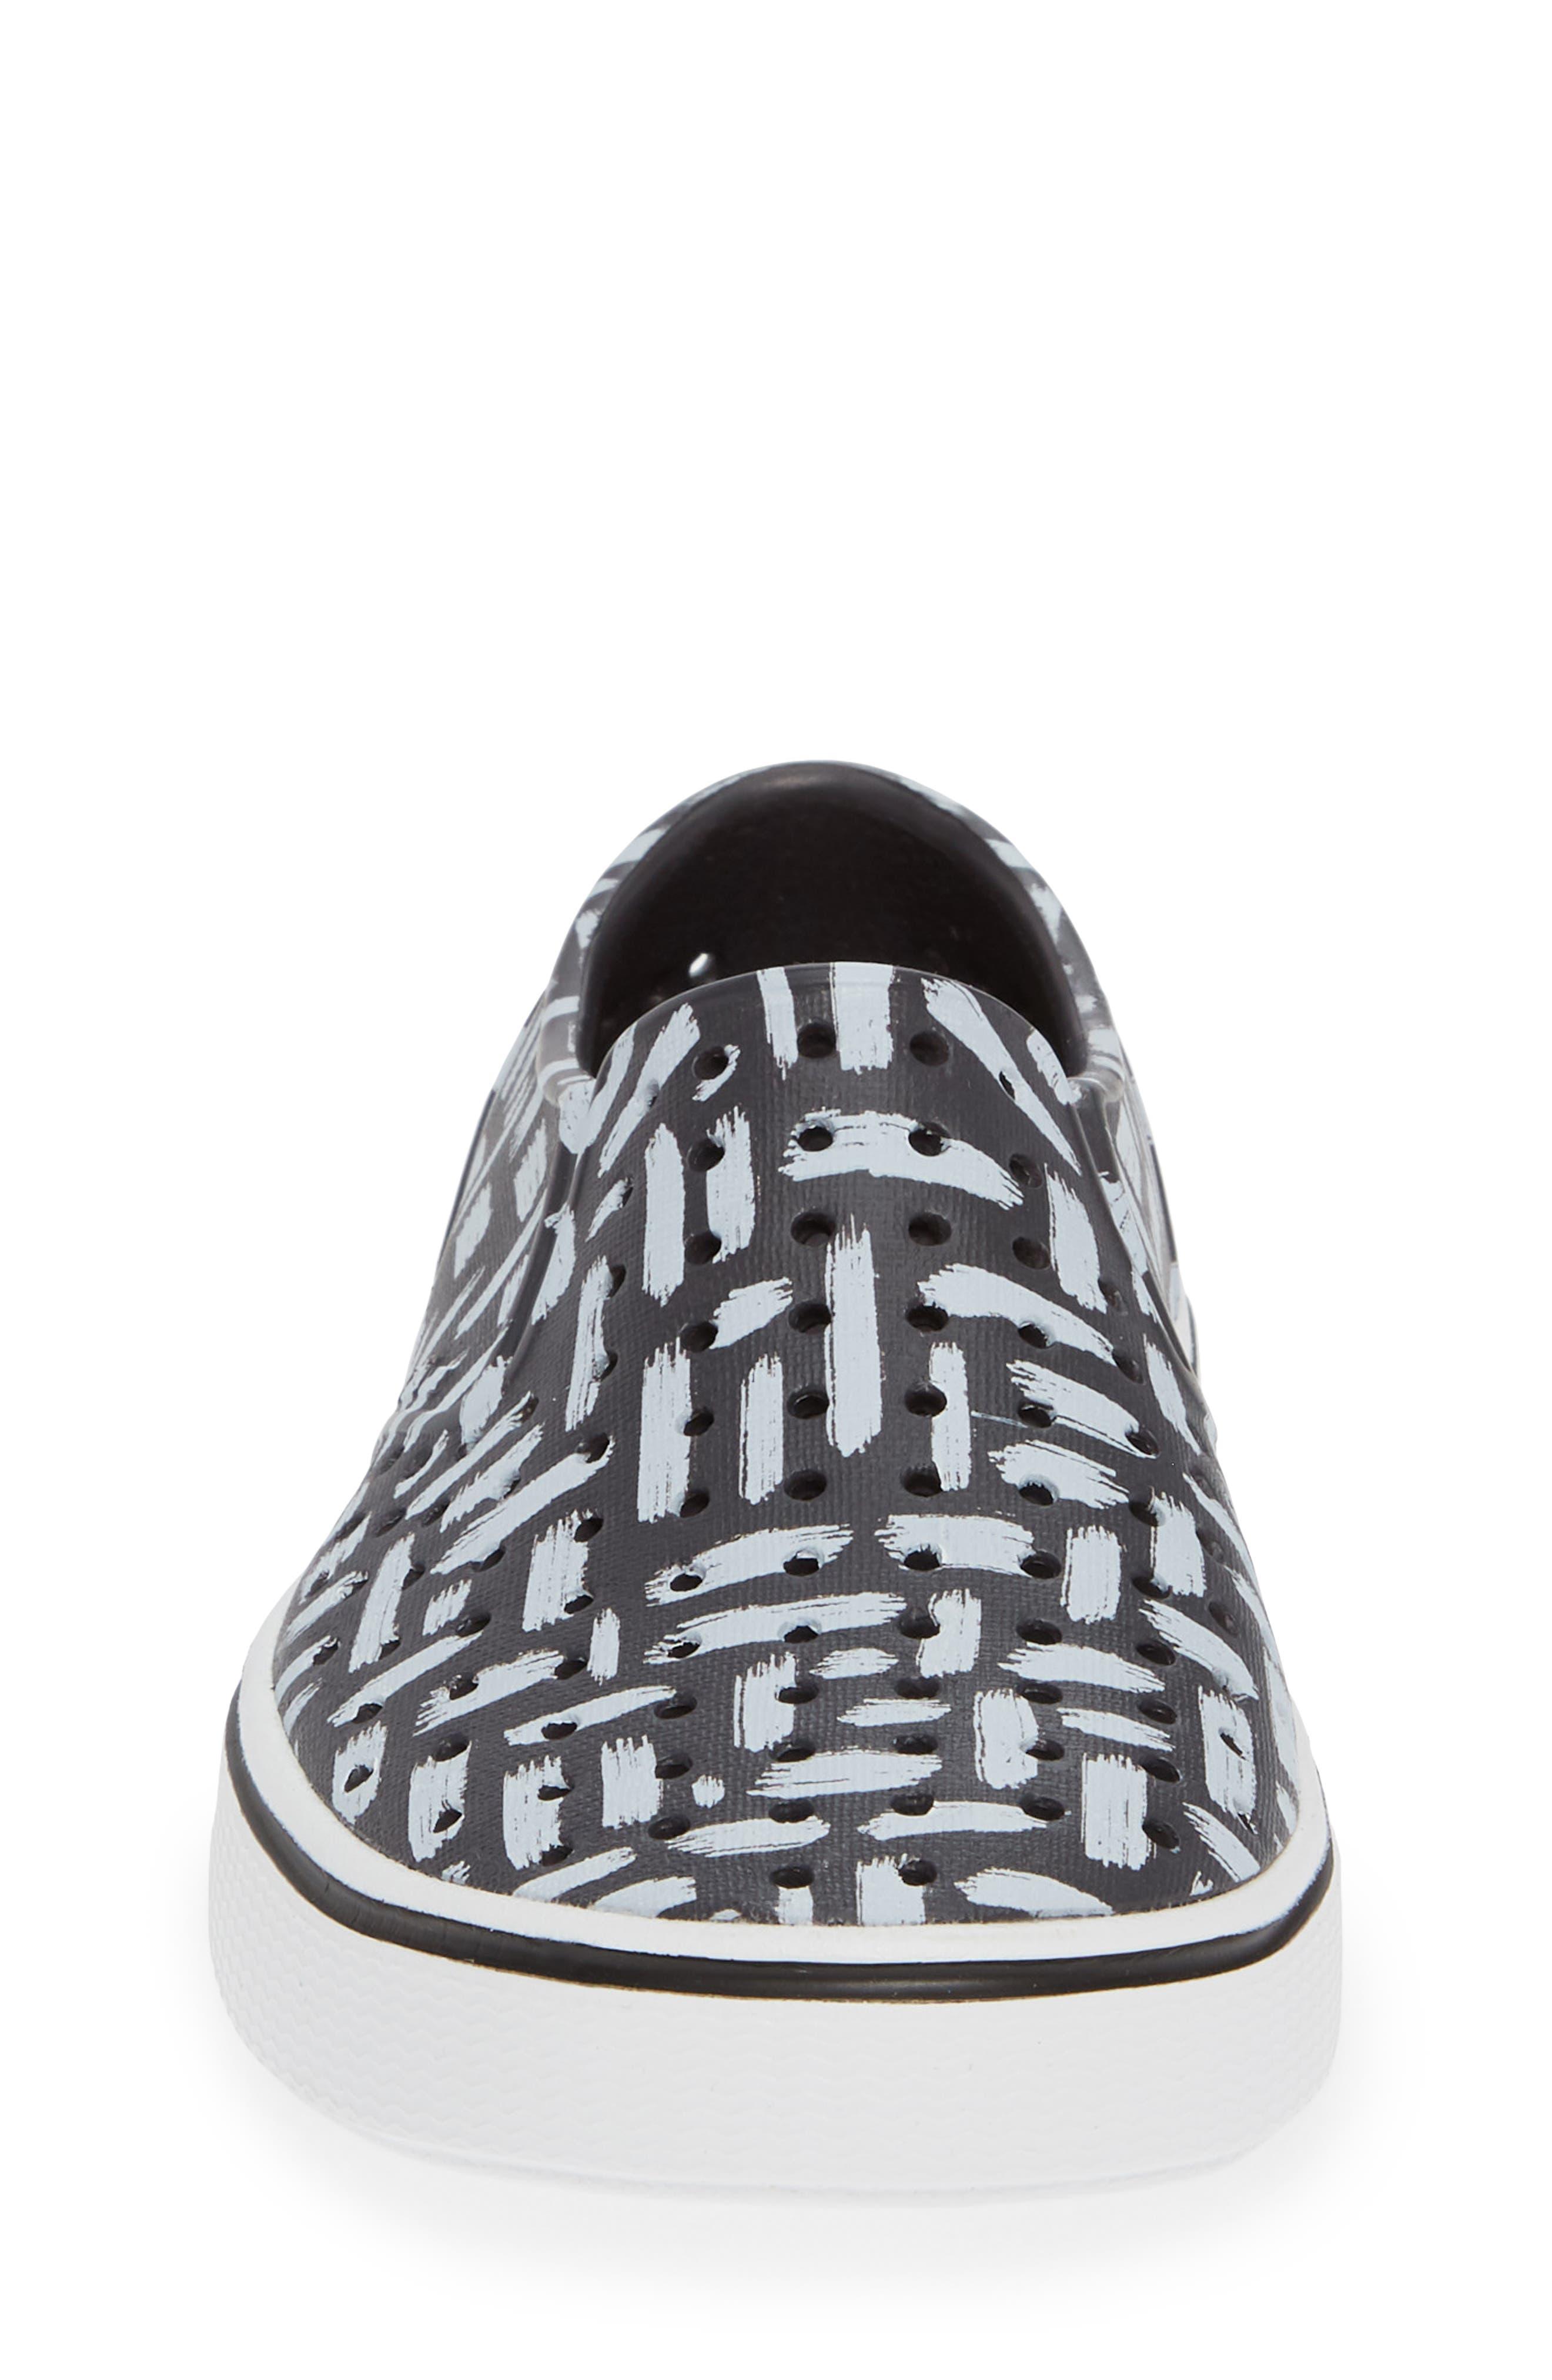 Miles Print Slip-On Sneaker,                             Alternate thumbnail 4, color,                             ONYX/ SHELL WHITE/ INKWELL